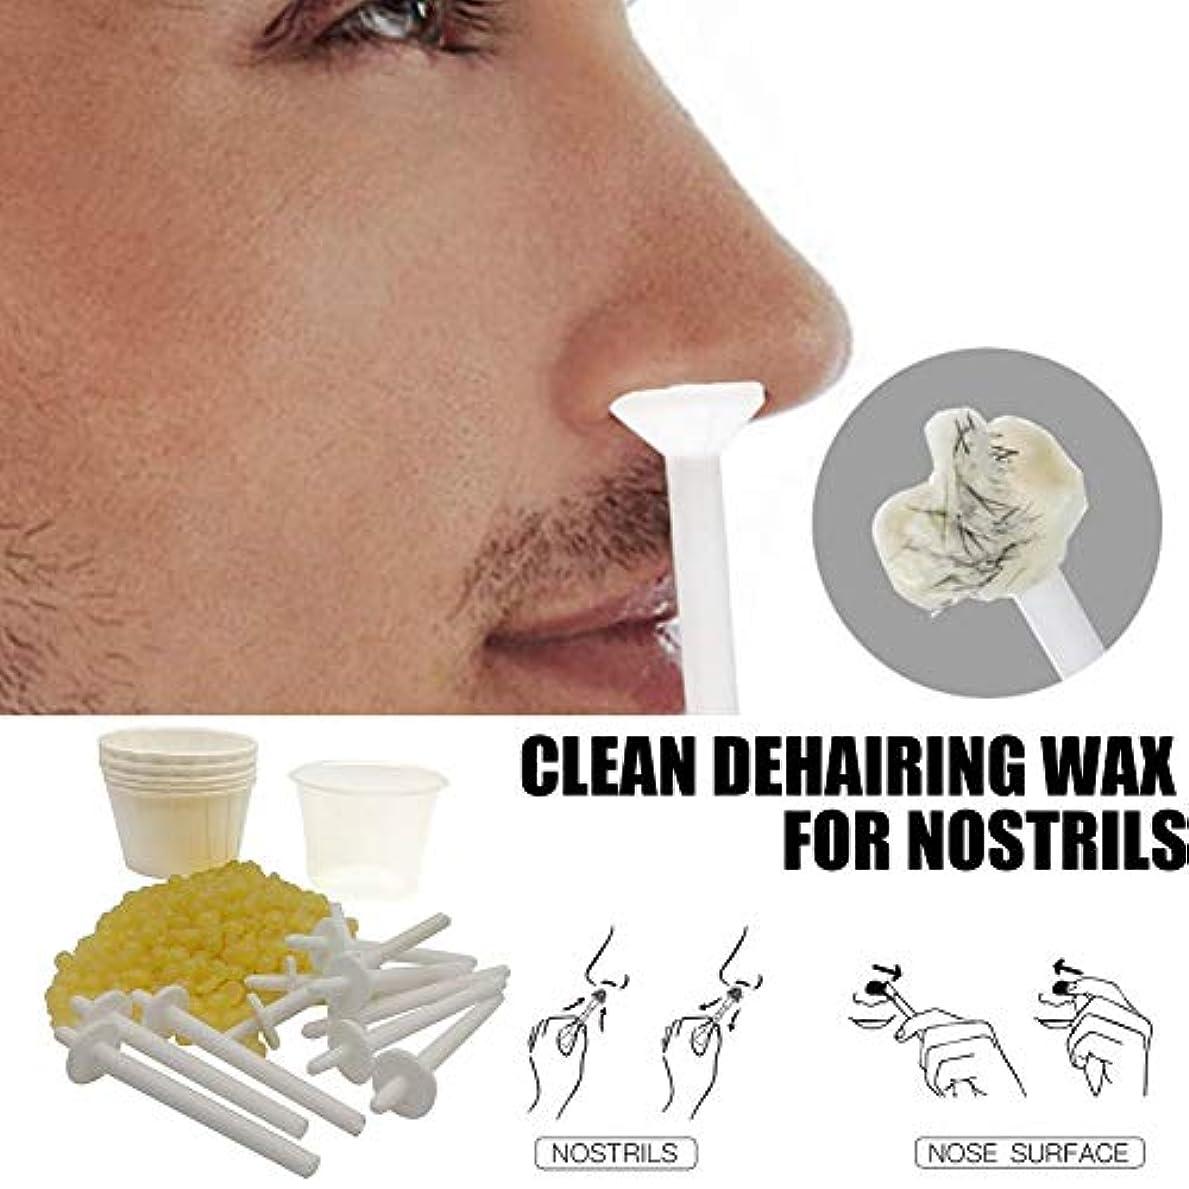 ありふれた雨マークされたSILUN 鼻毛除去ワックスキット 鼻毛除去化粧道具 ノーズワックスポッド ポータブル道具 迅速かつ無痛 (50グラム/ 10回使用回数)